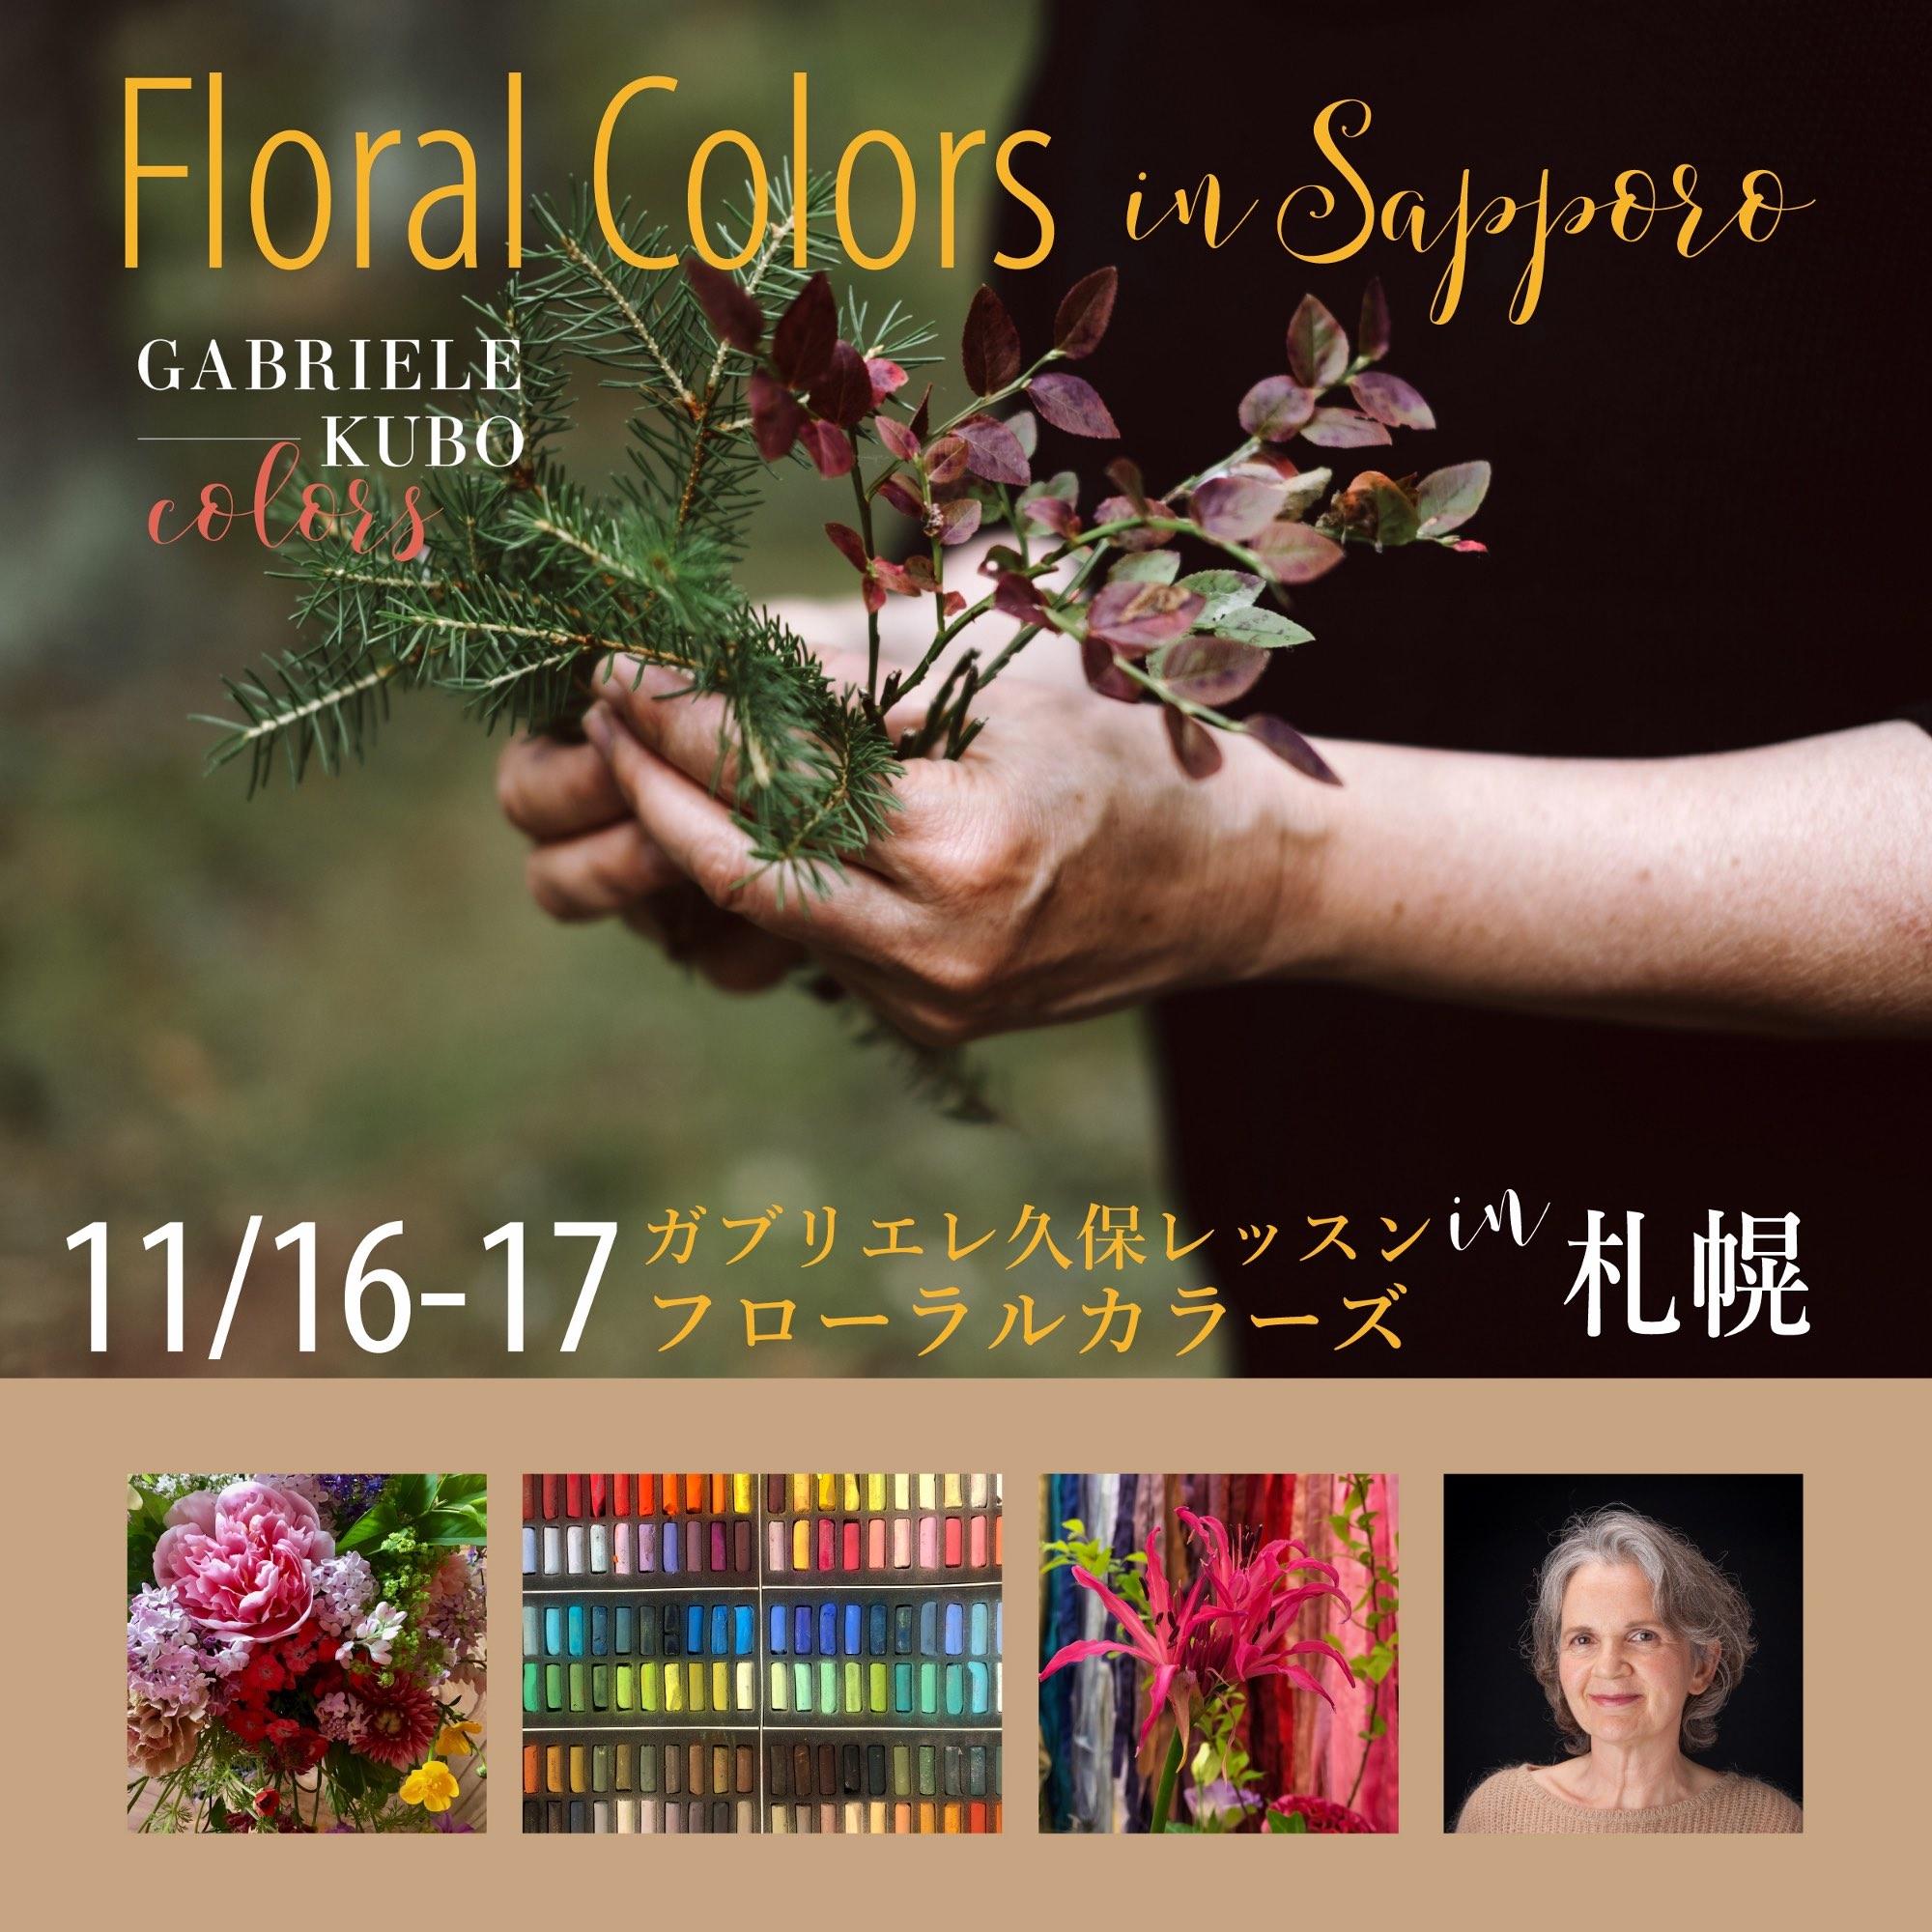 16th of November in Sapporo